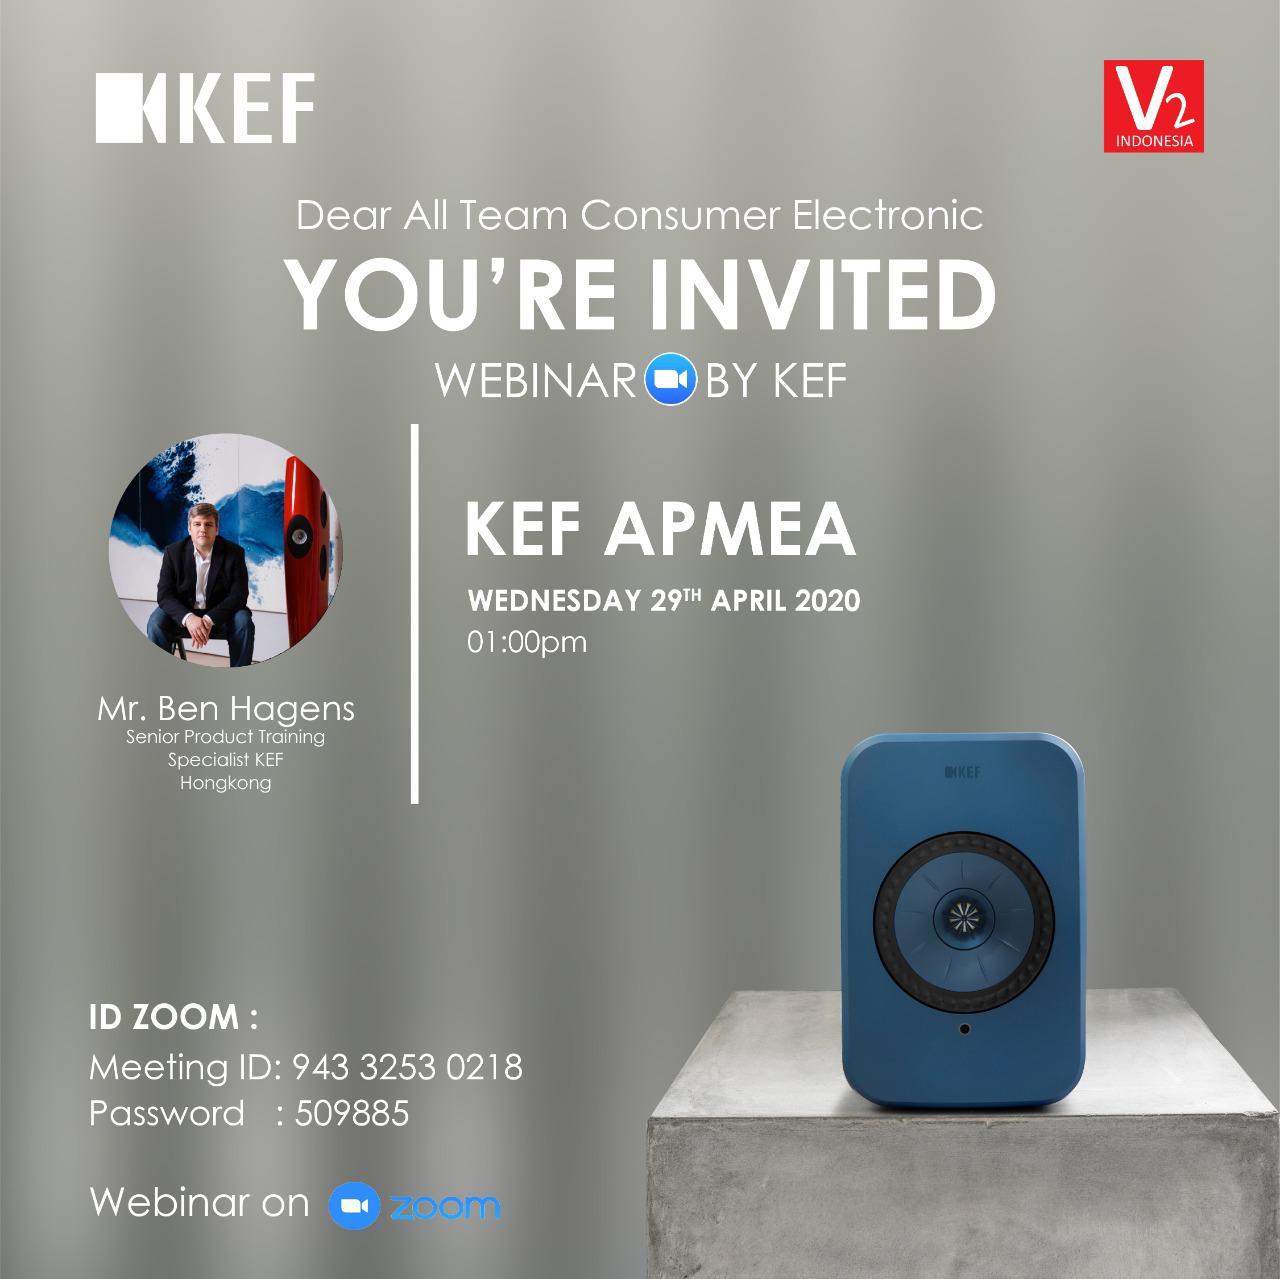 WEBINAR BY KEF APMEA